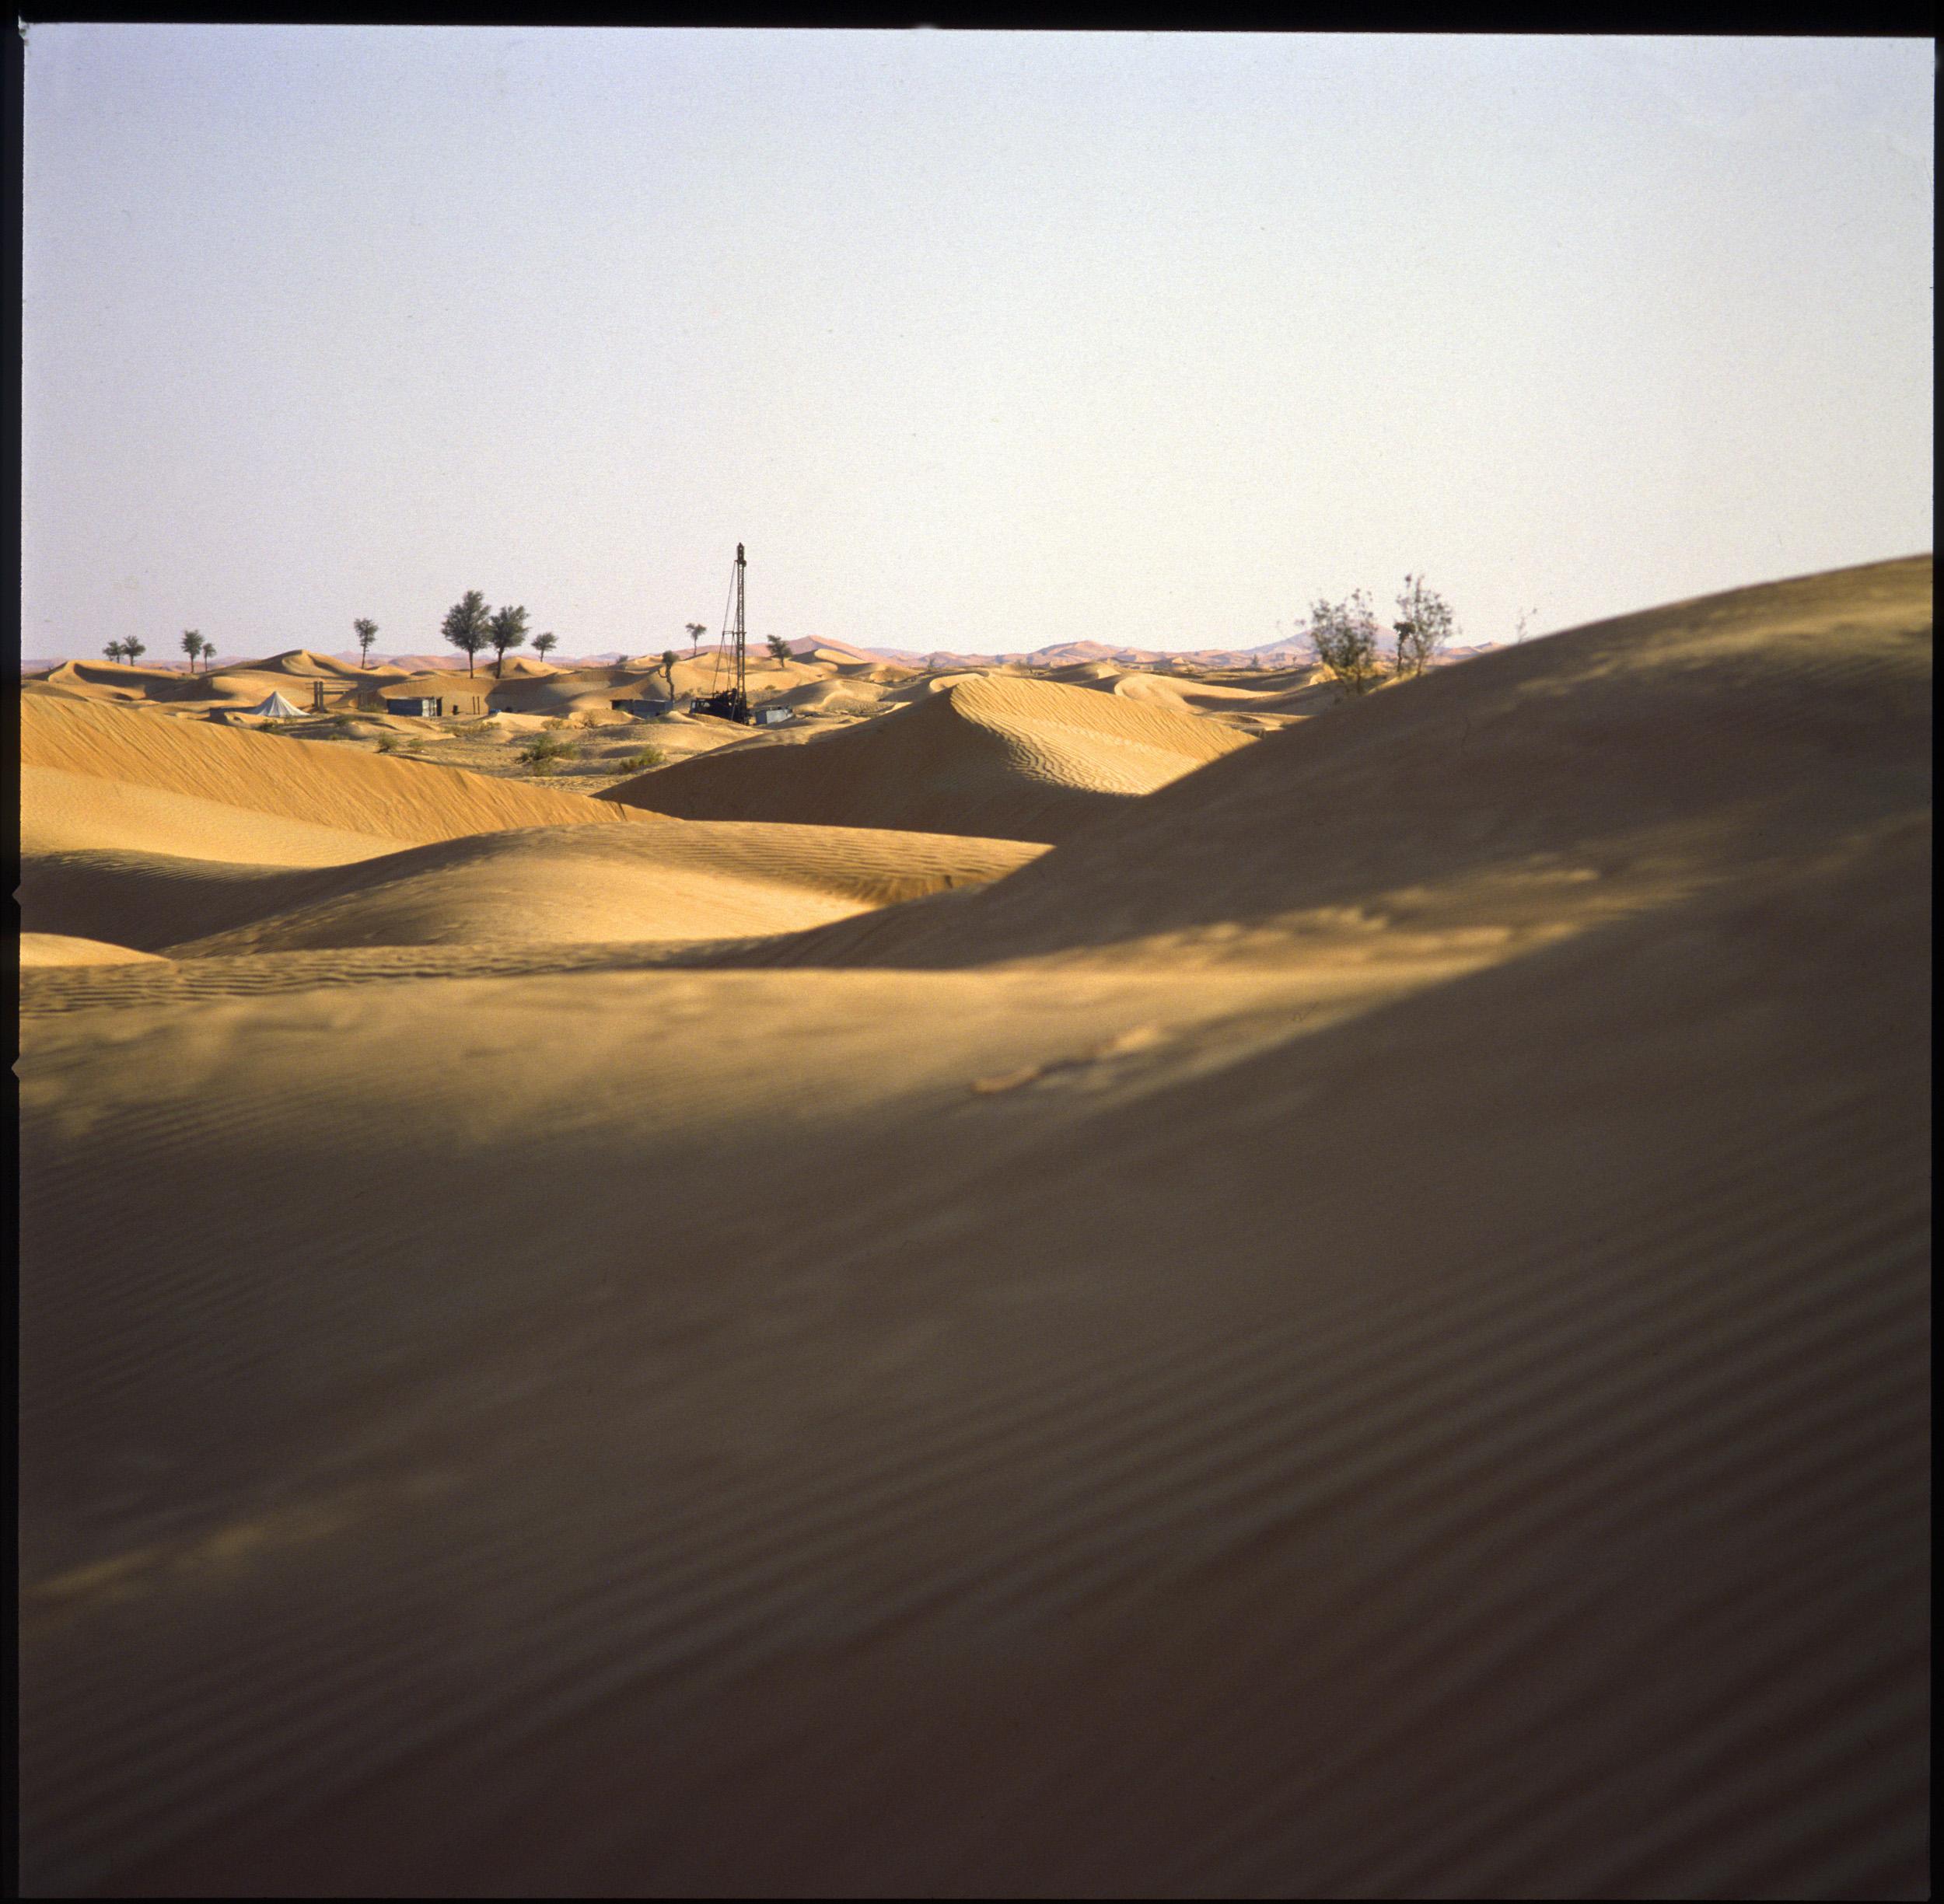 Al Ain Desert 2